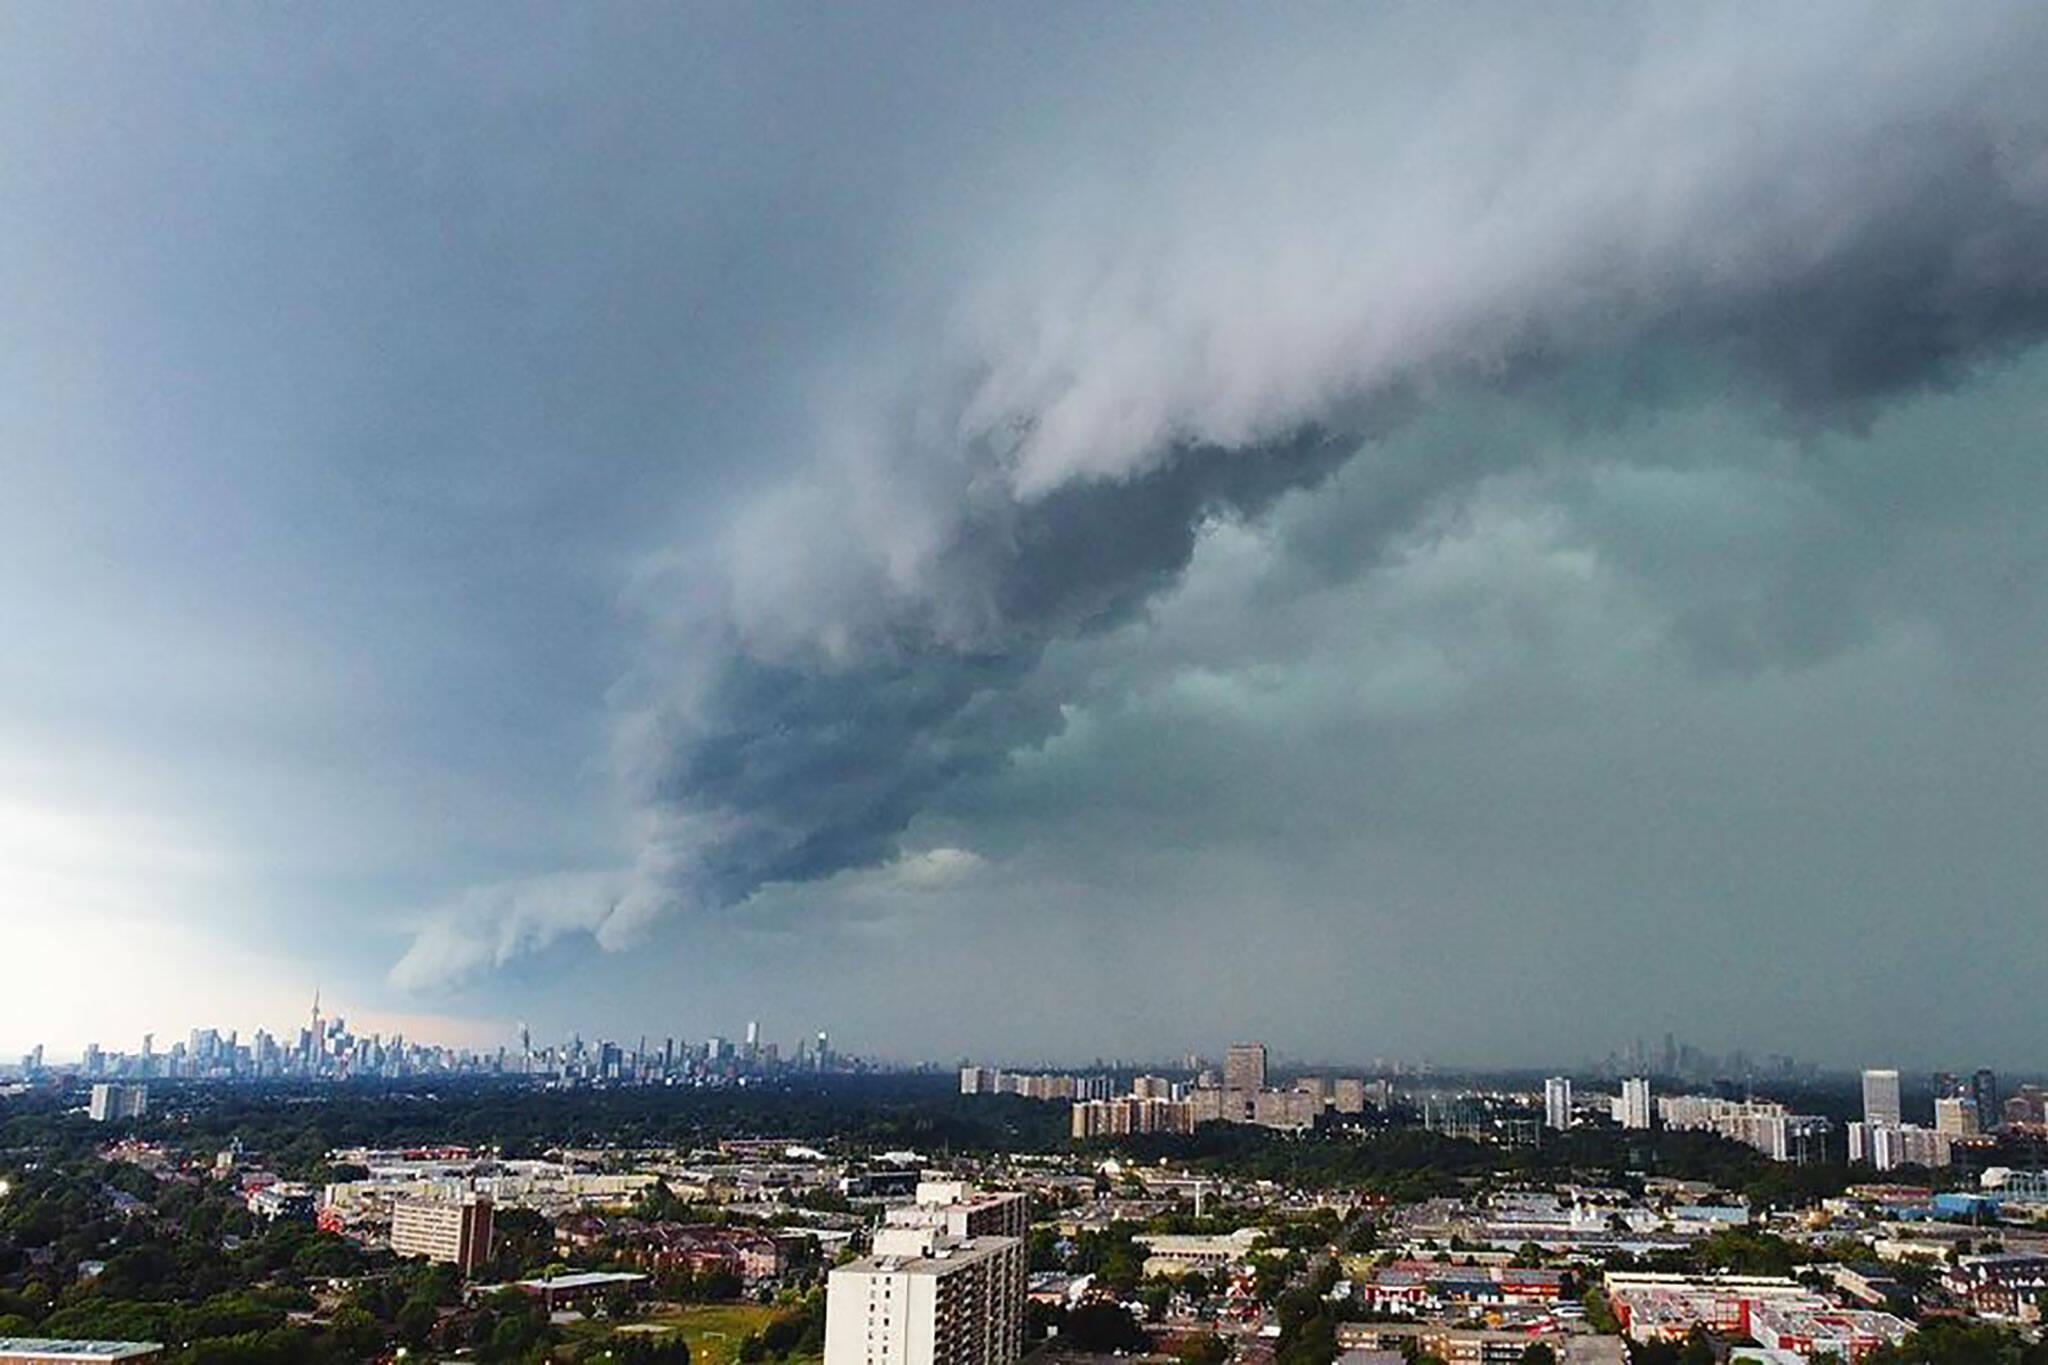 toronto storm last night warning